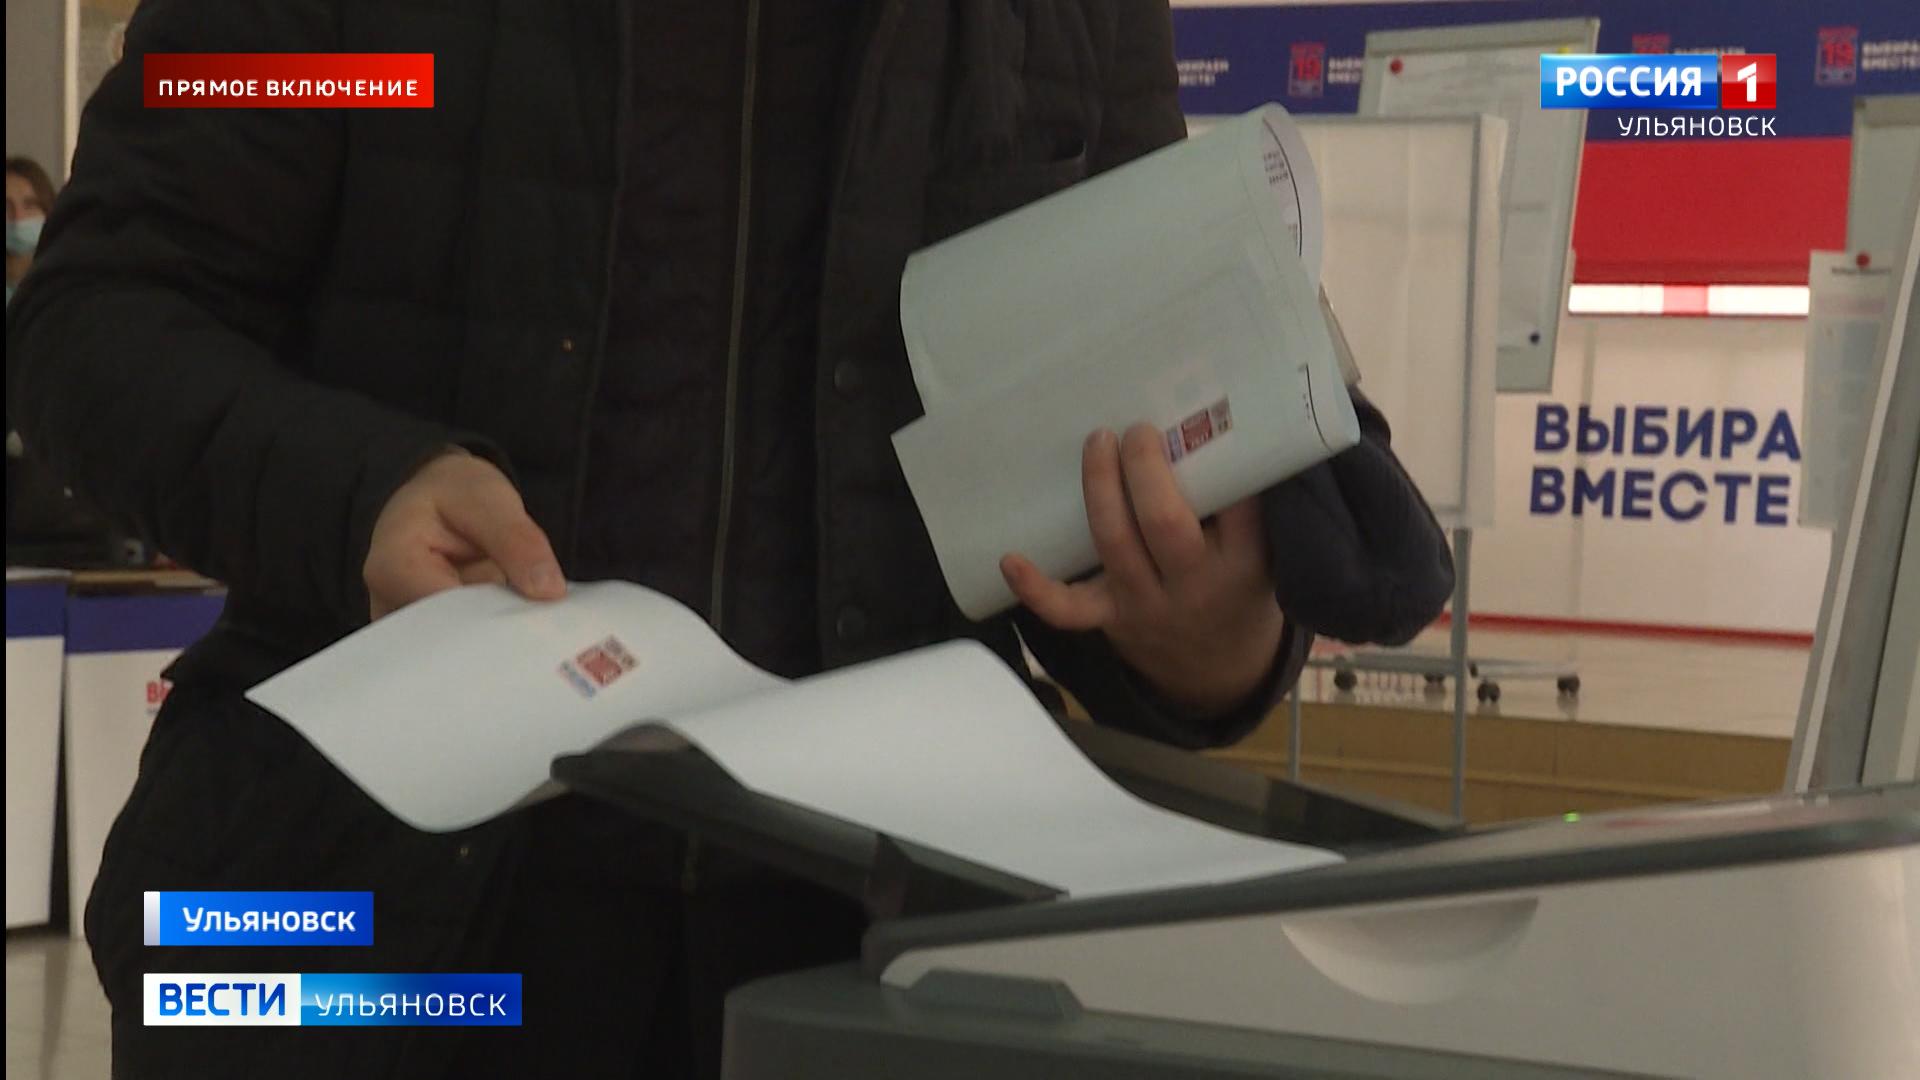 Выборы 1 день. Открытие участков в Ульяновске